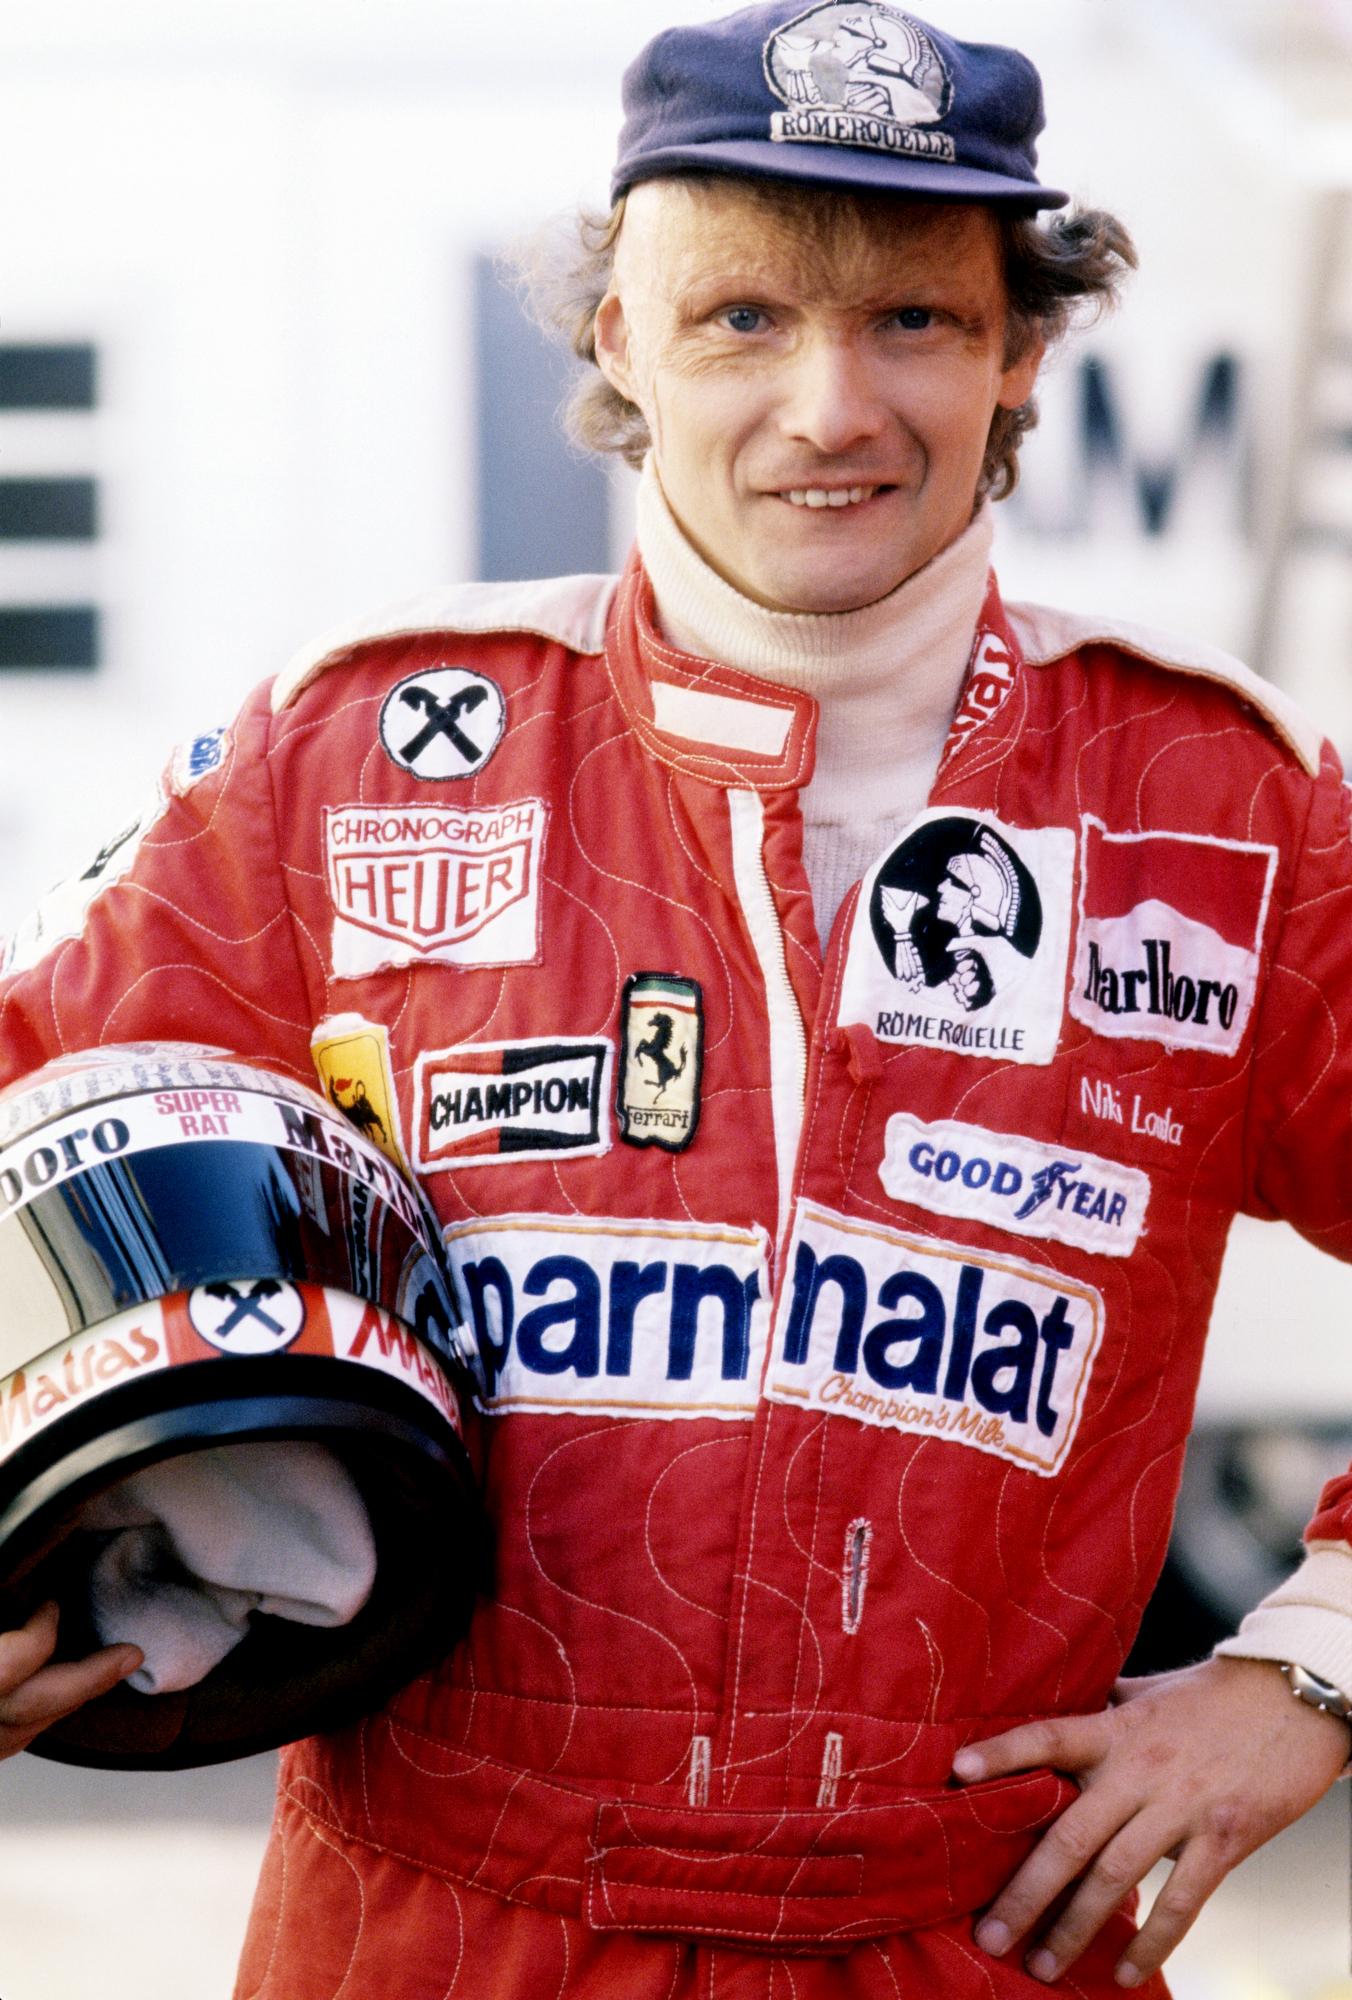 Niki Lauda. En av Formel 1 sportens aller største legender. Foto: Ferrari